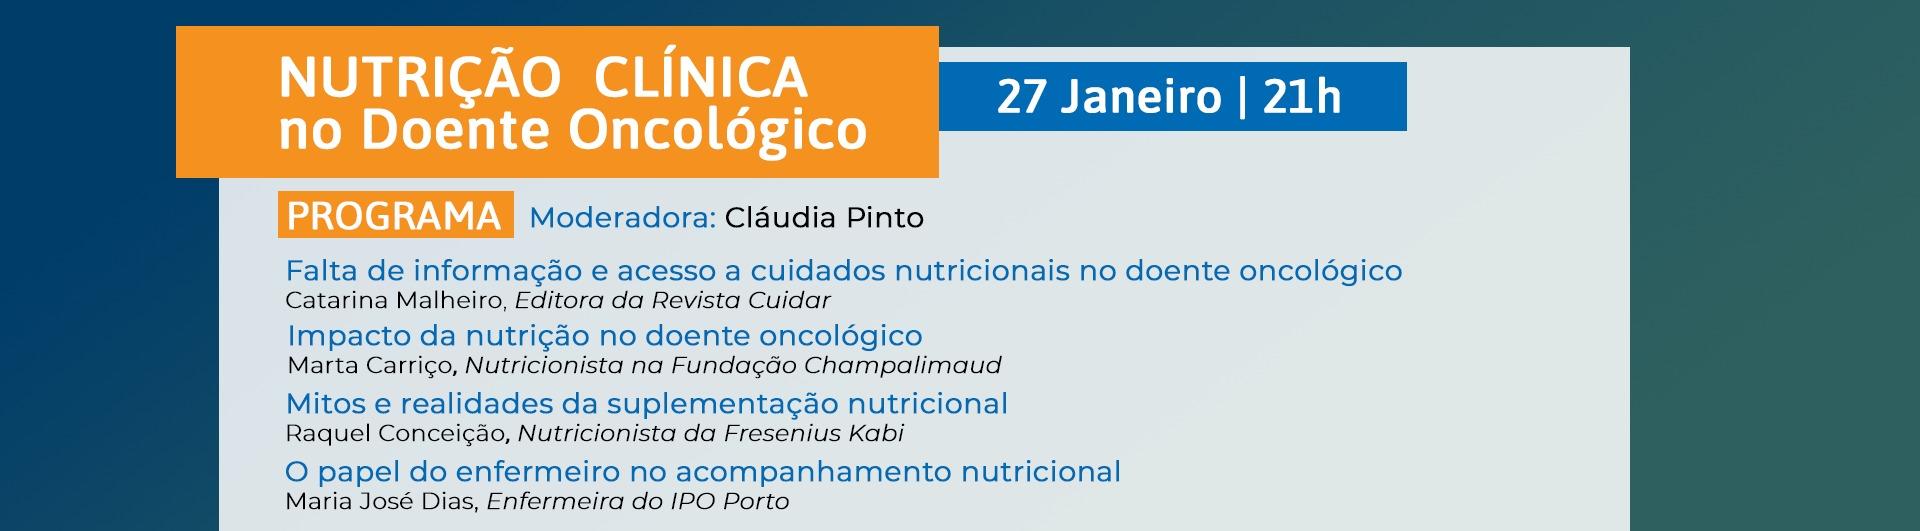 """Webinar """" Nutrição Clínica no Doente Oncológico"""""""